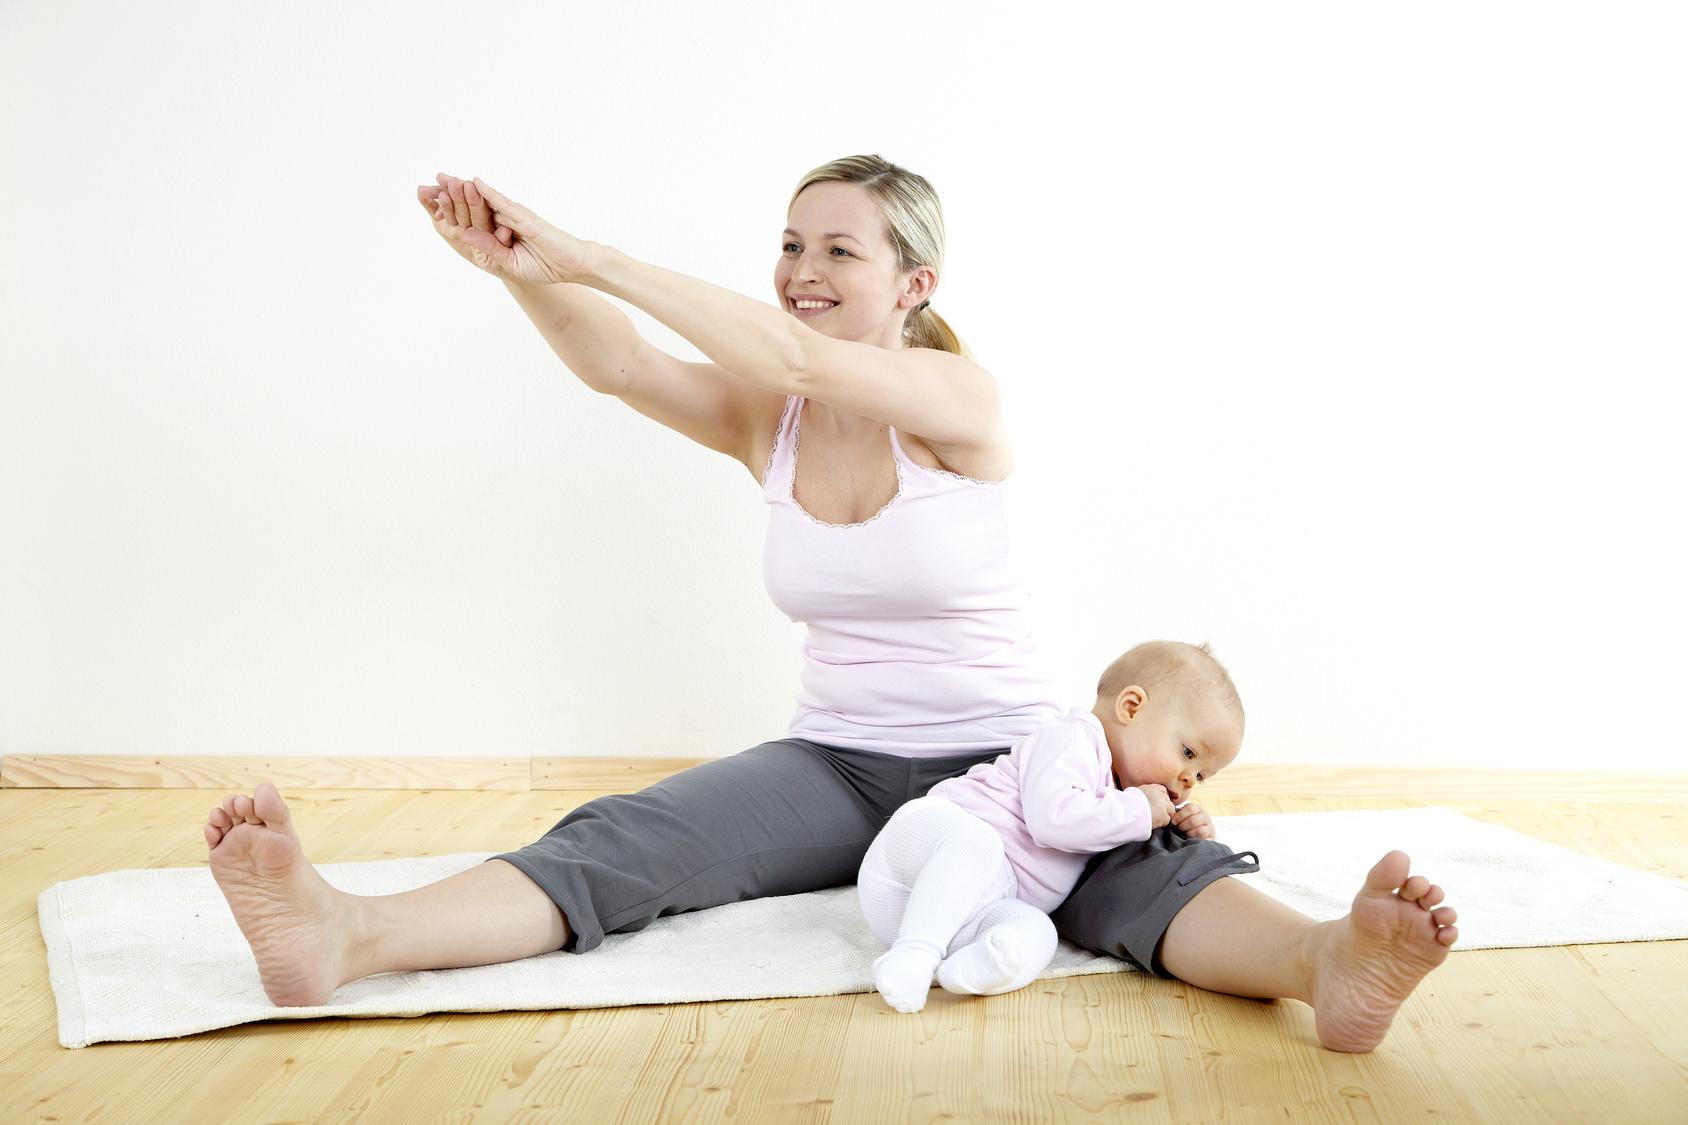 Возвращение тела в хорошую форму после беременности и родов - городок-мам.рф - кладезь детских рецептов городок-мам.рф - кладезь.